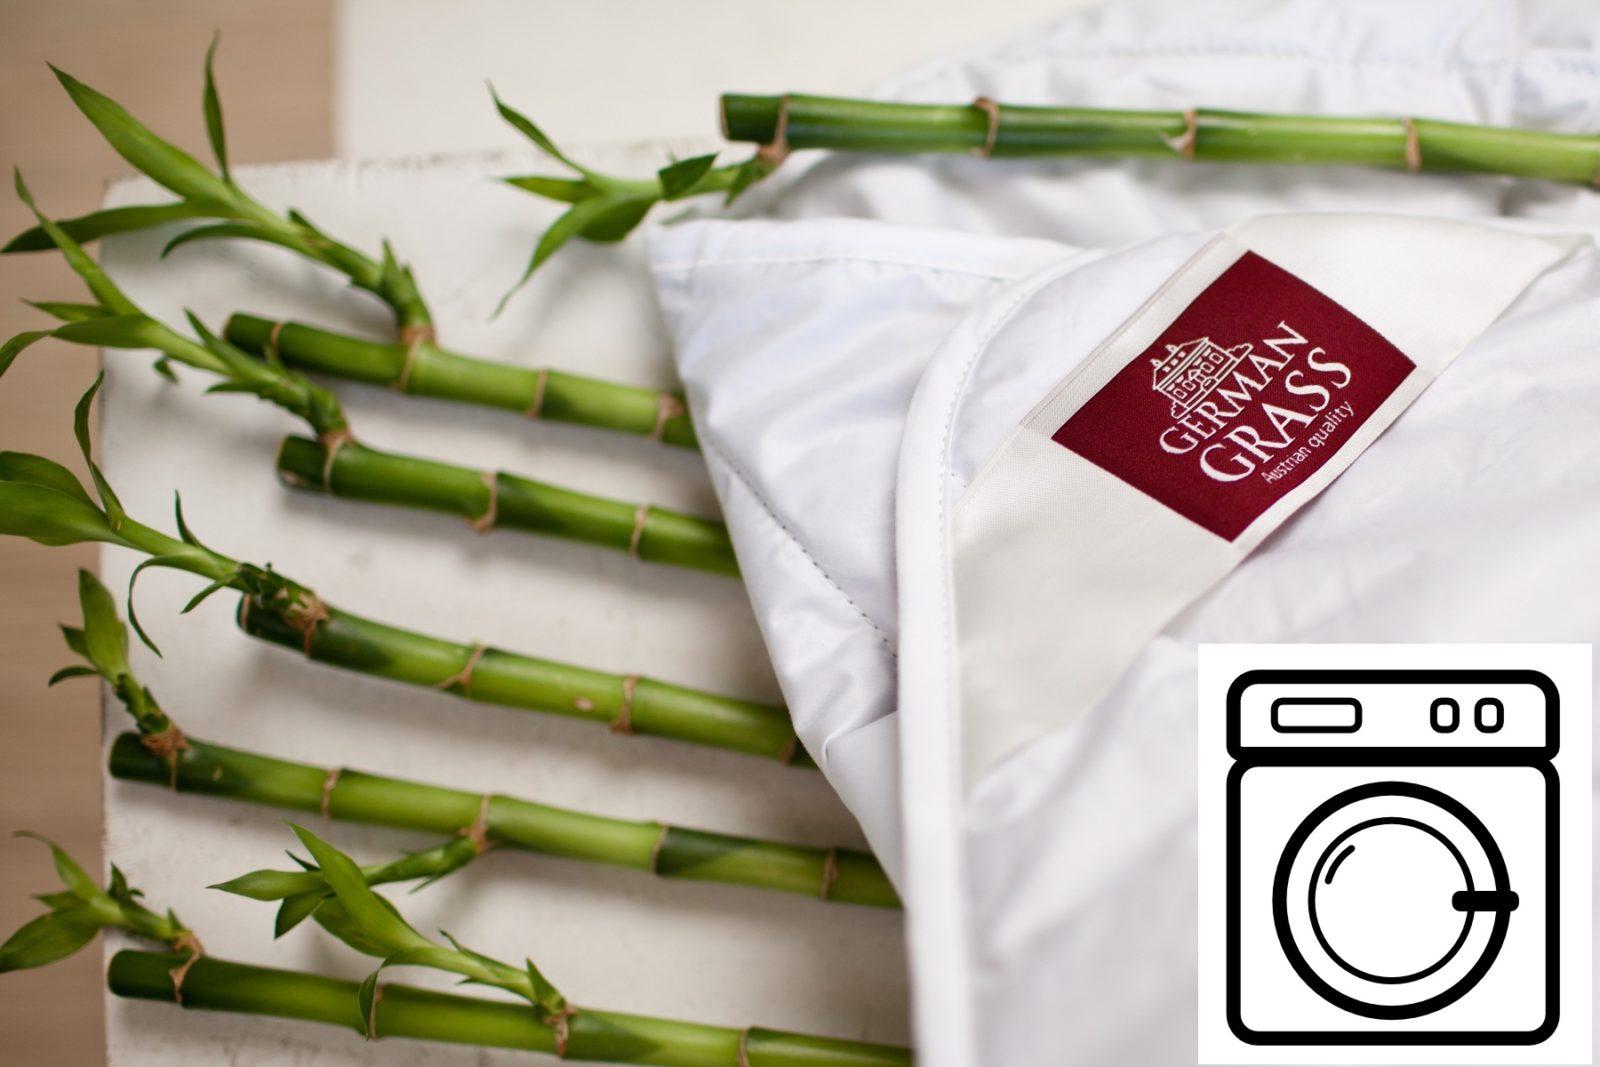 Можно ли стирать бамбуковое одеяло в стиральной машине автомат